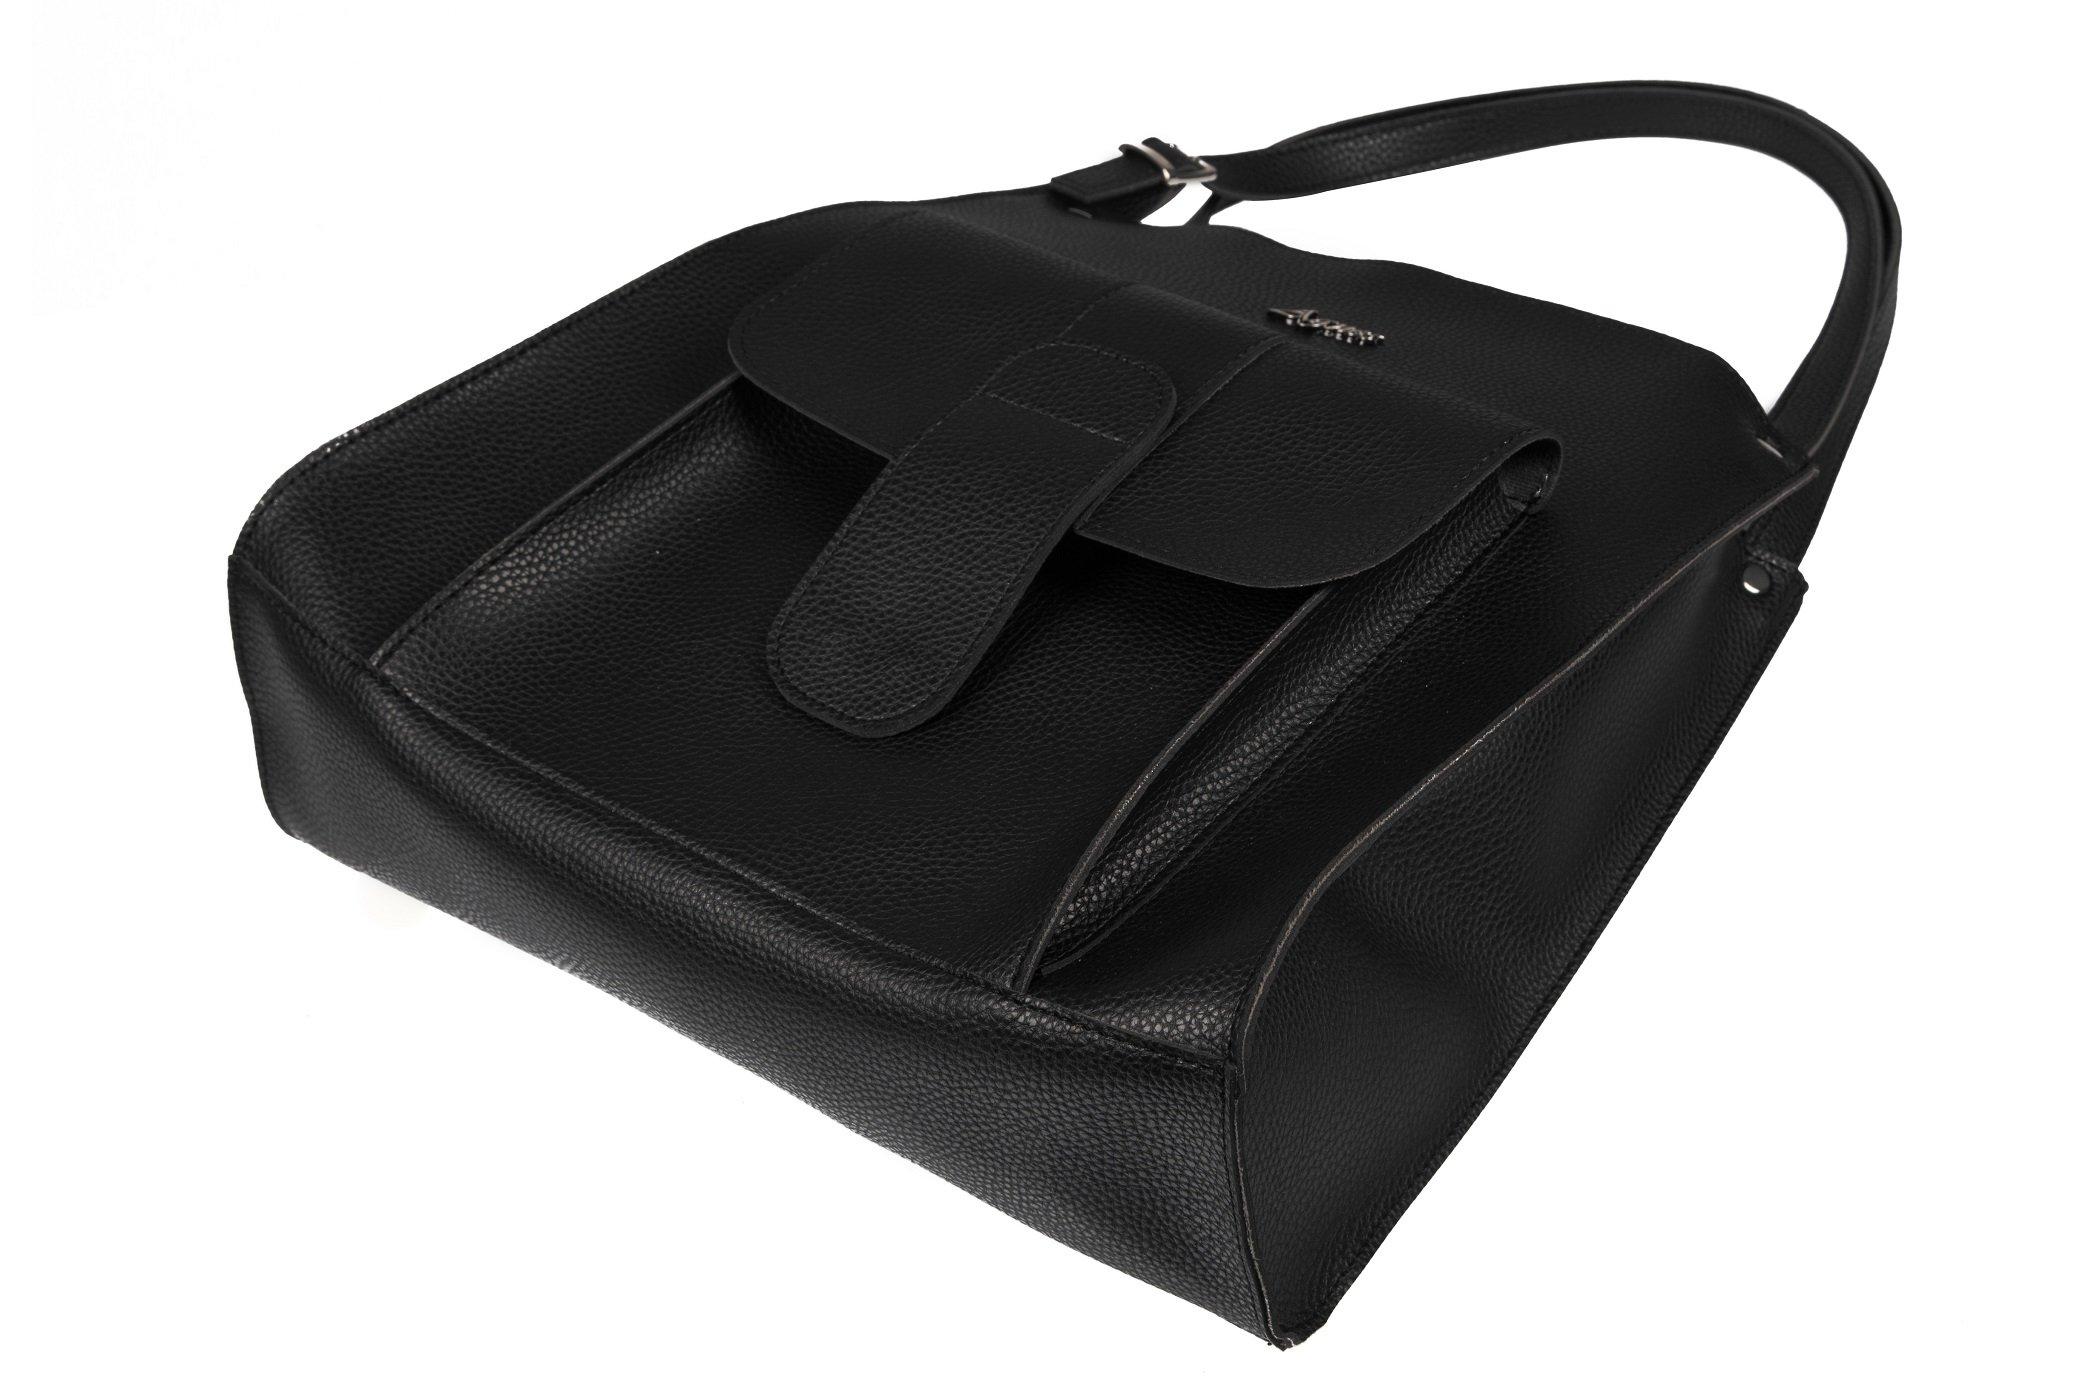 baf8fbe5cb2a53 Pojemna torebka damska A4 miejska, do szkoły, pracy, cena - sklep ...